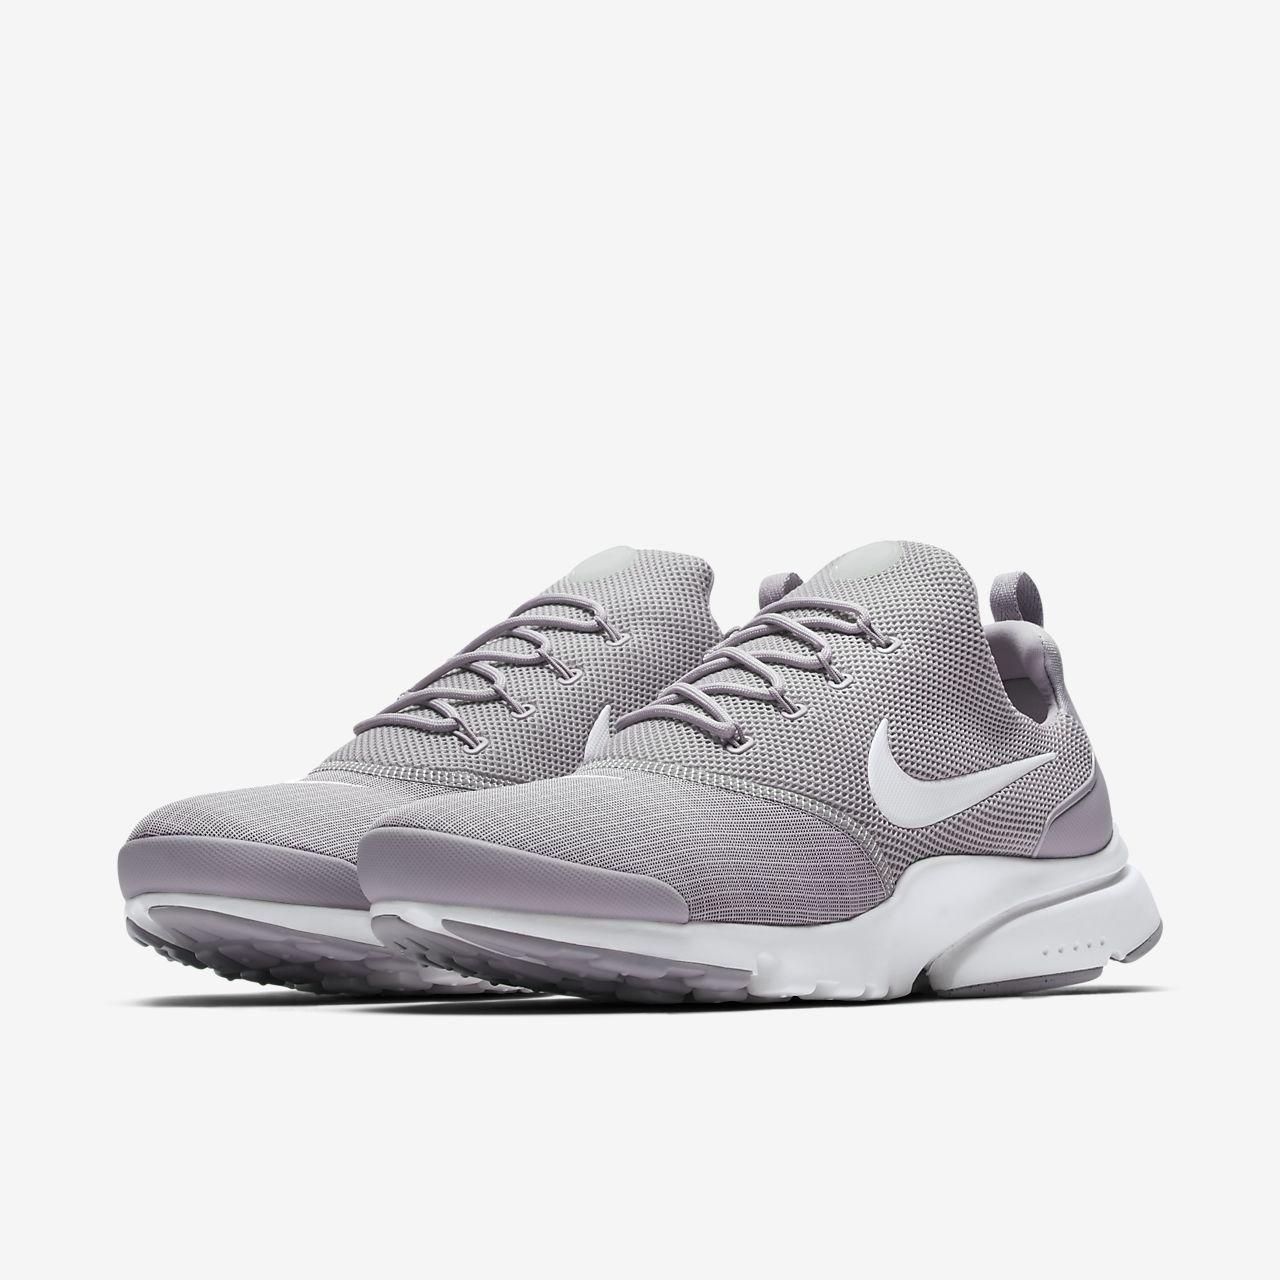 Nike Presto Fly Zapatillas - Hombre